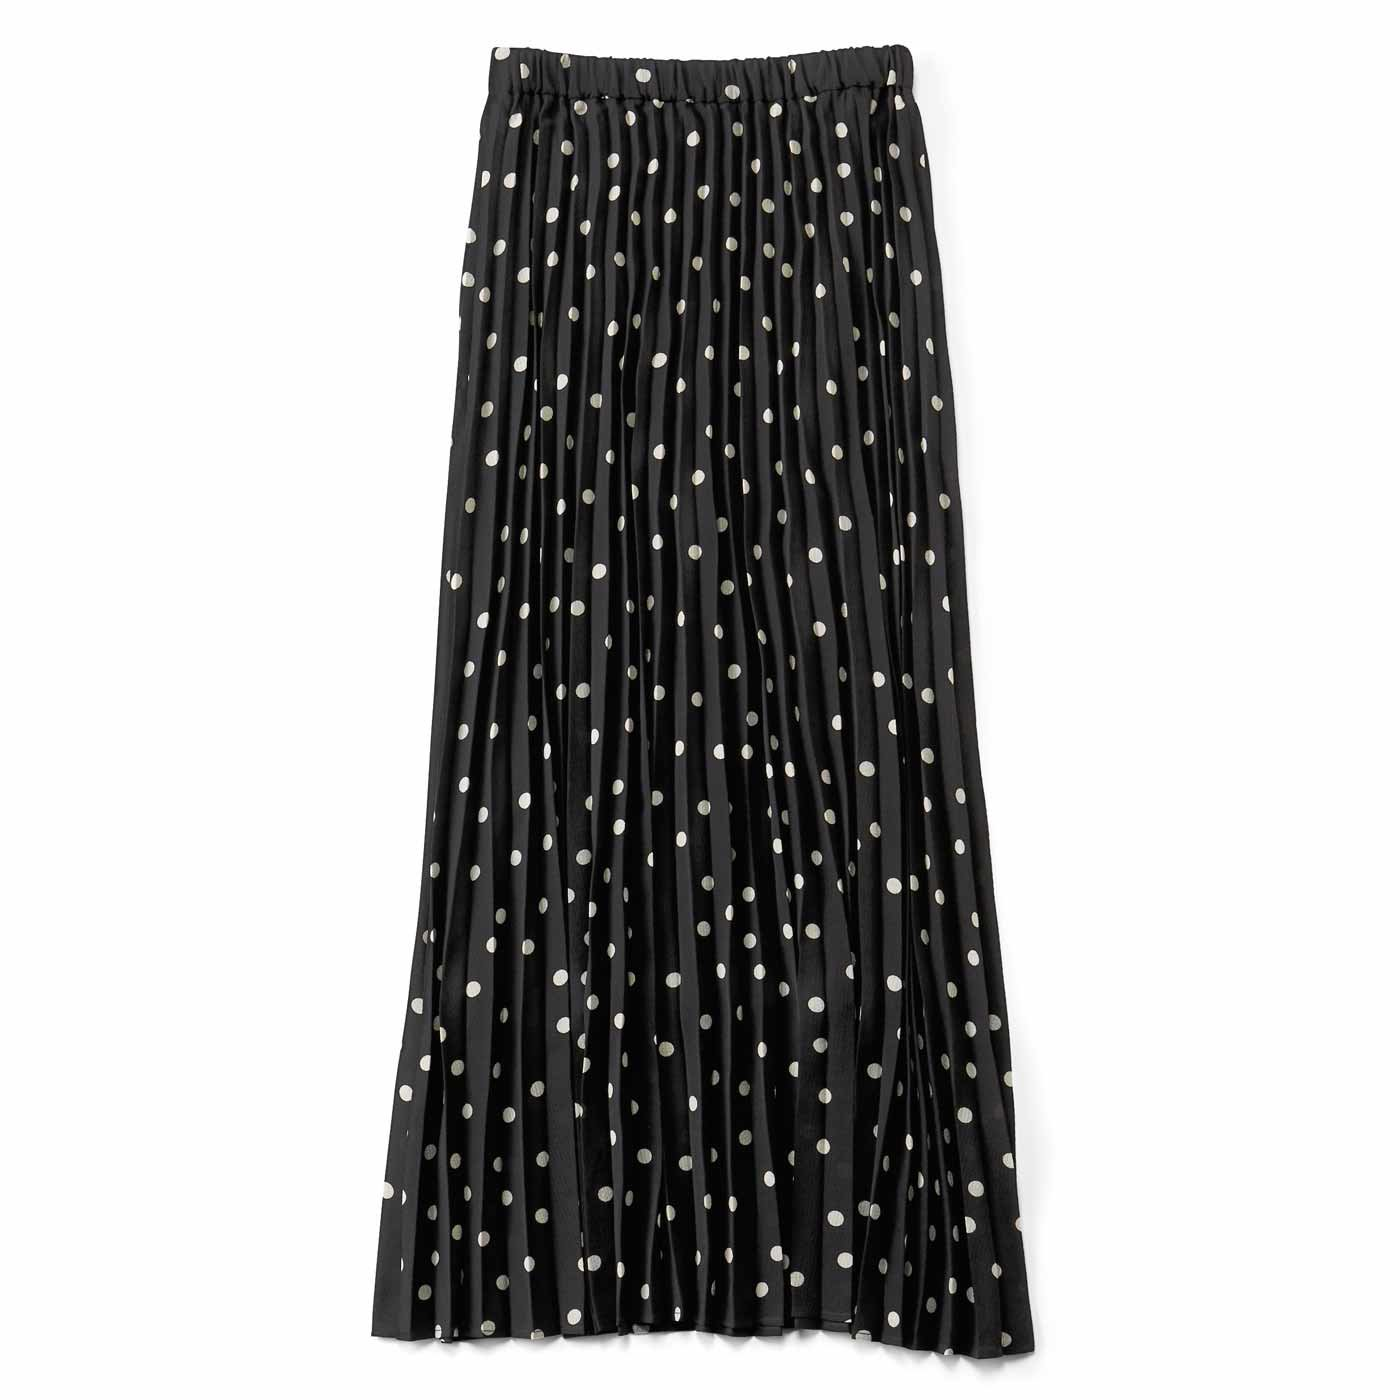 Aラインシルエットがキレイなプリーツスカート〈黒ドット〉